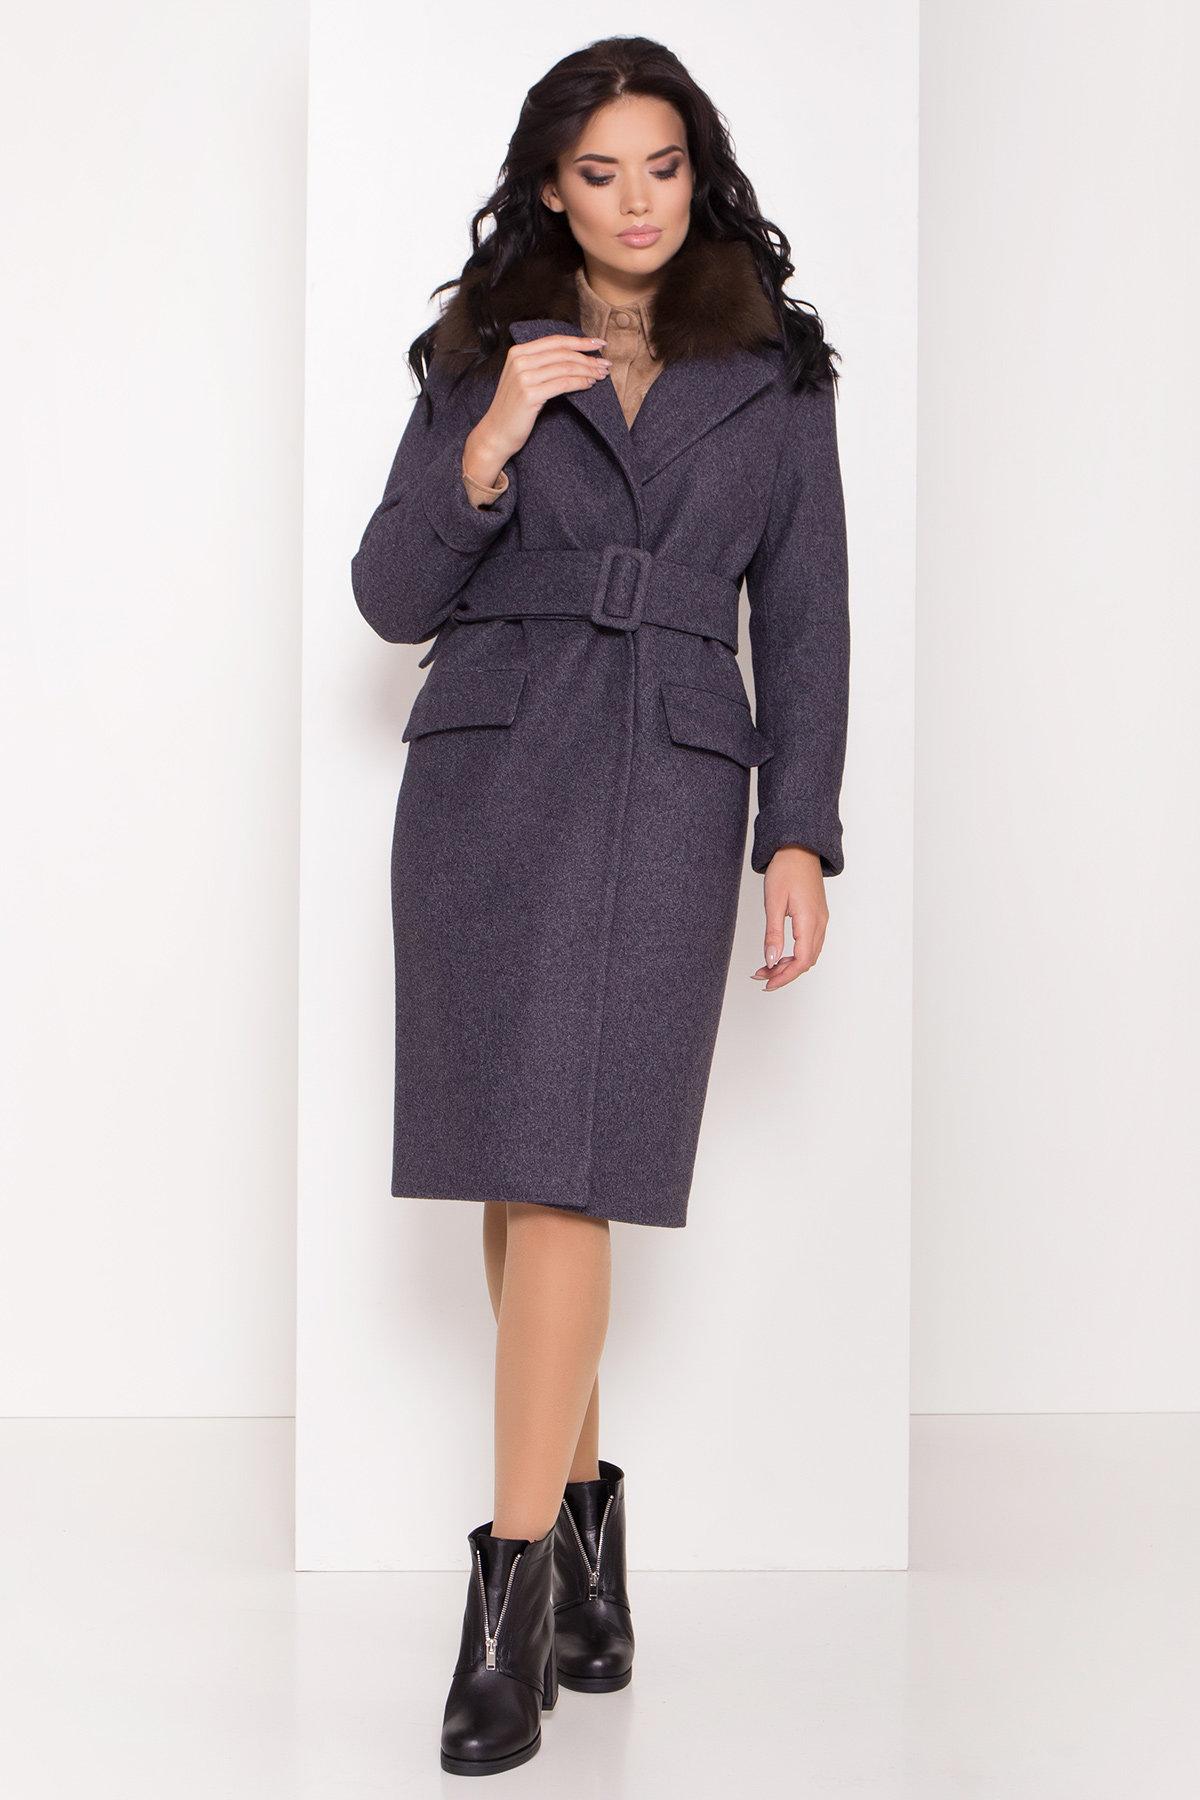 Зимнее пальто для женщин от Modus Зимнее пальто с меховым воротником Моле 8185